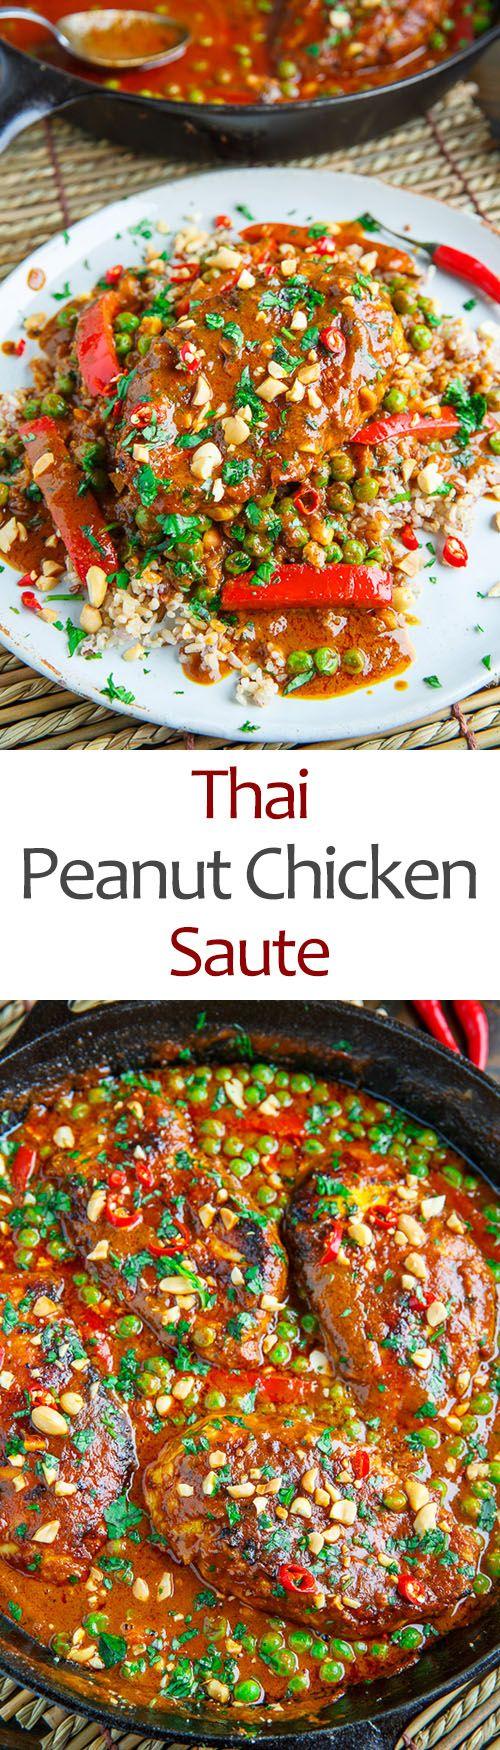 ... Thai food. on Pinterest | Thai chicken, Thai shrimp curry and Thai